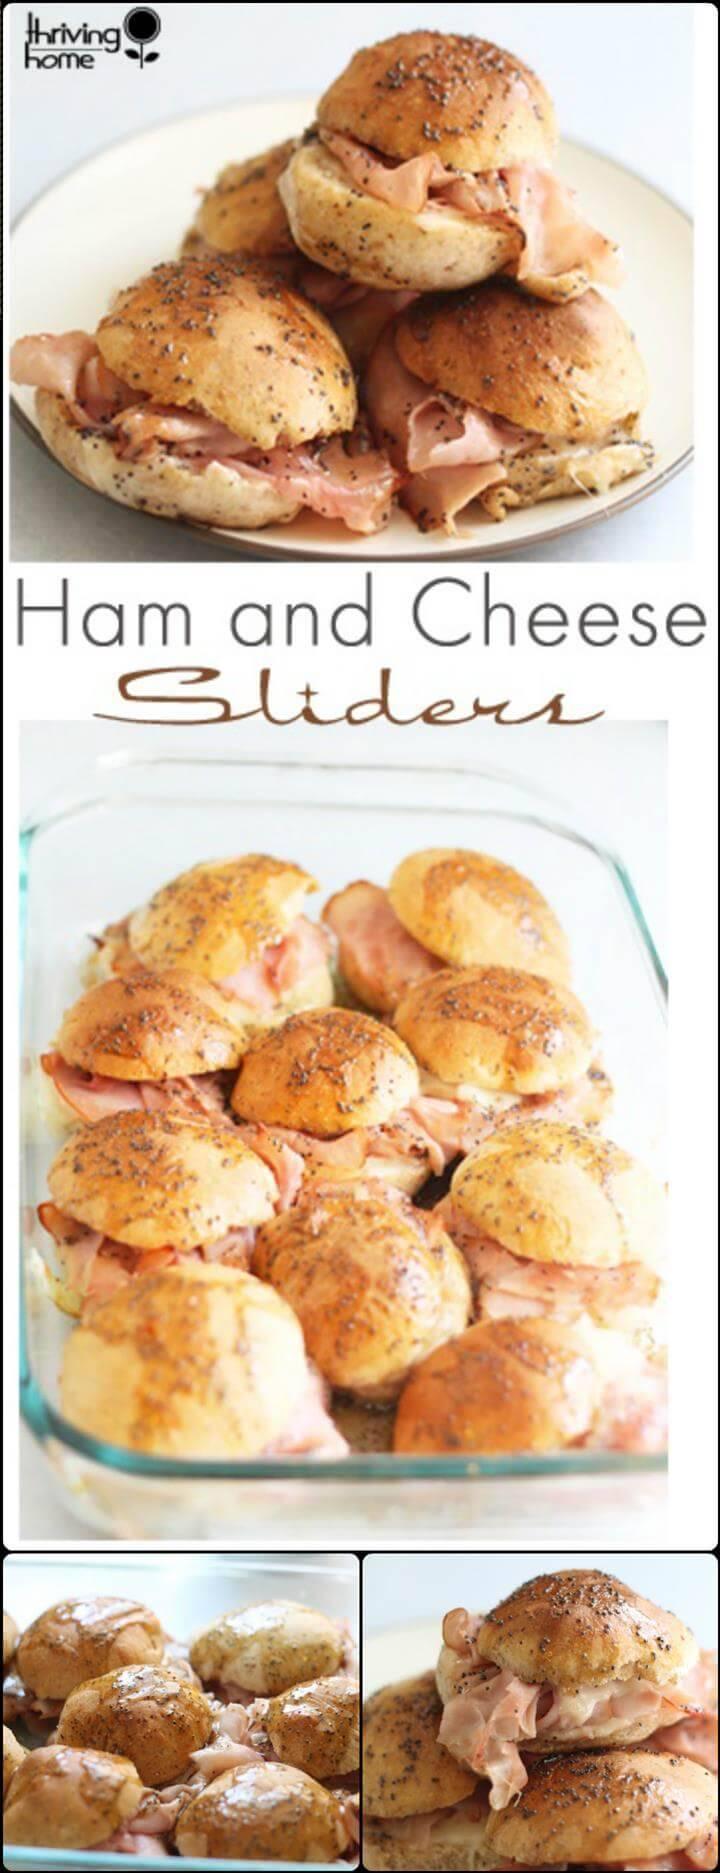 yummy hanm and cheese sliders